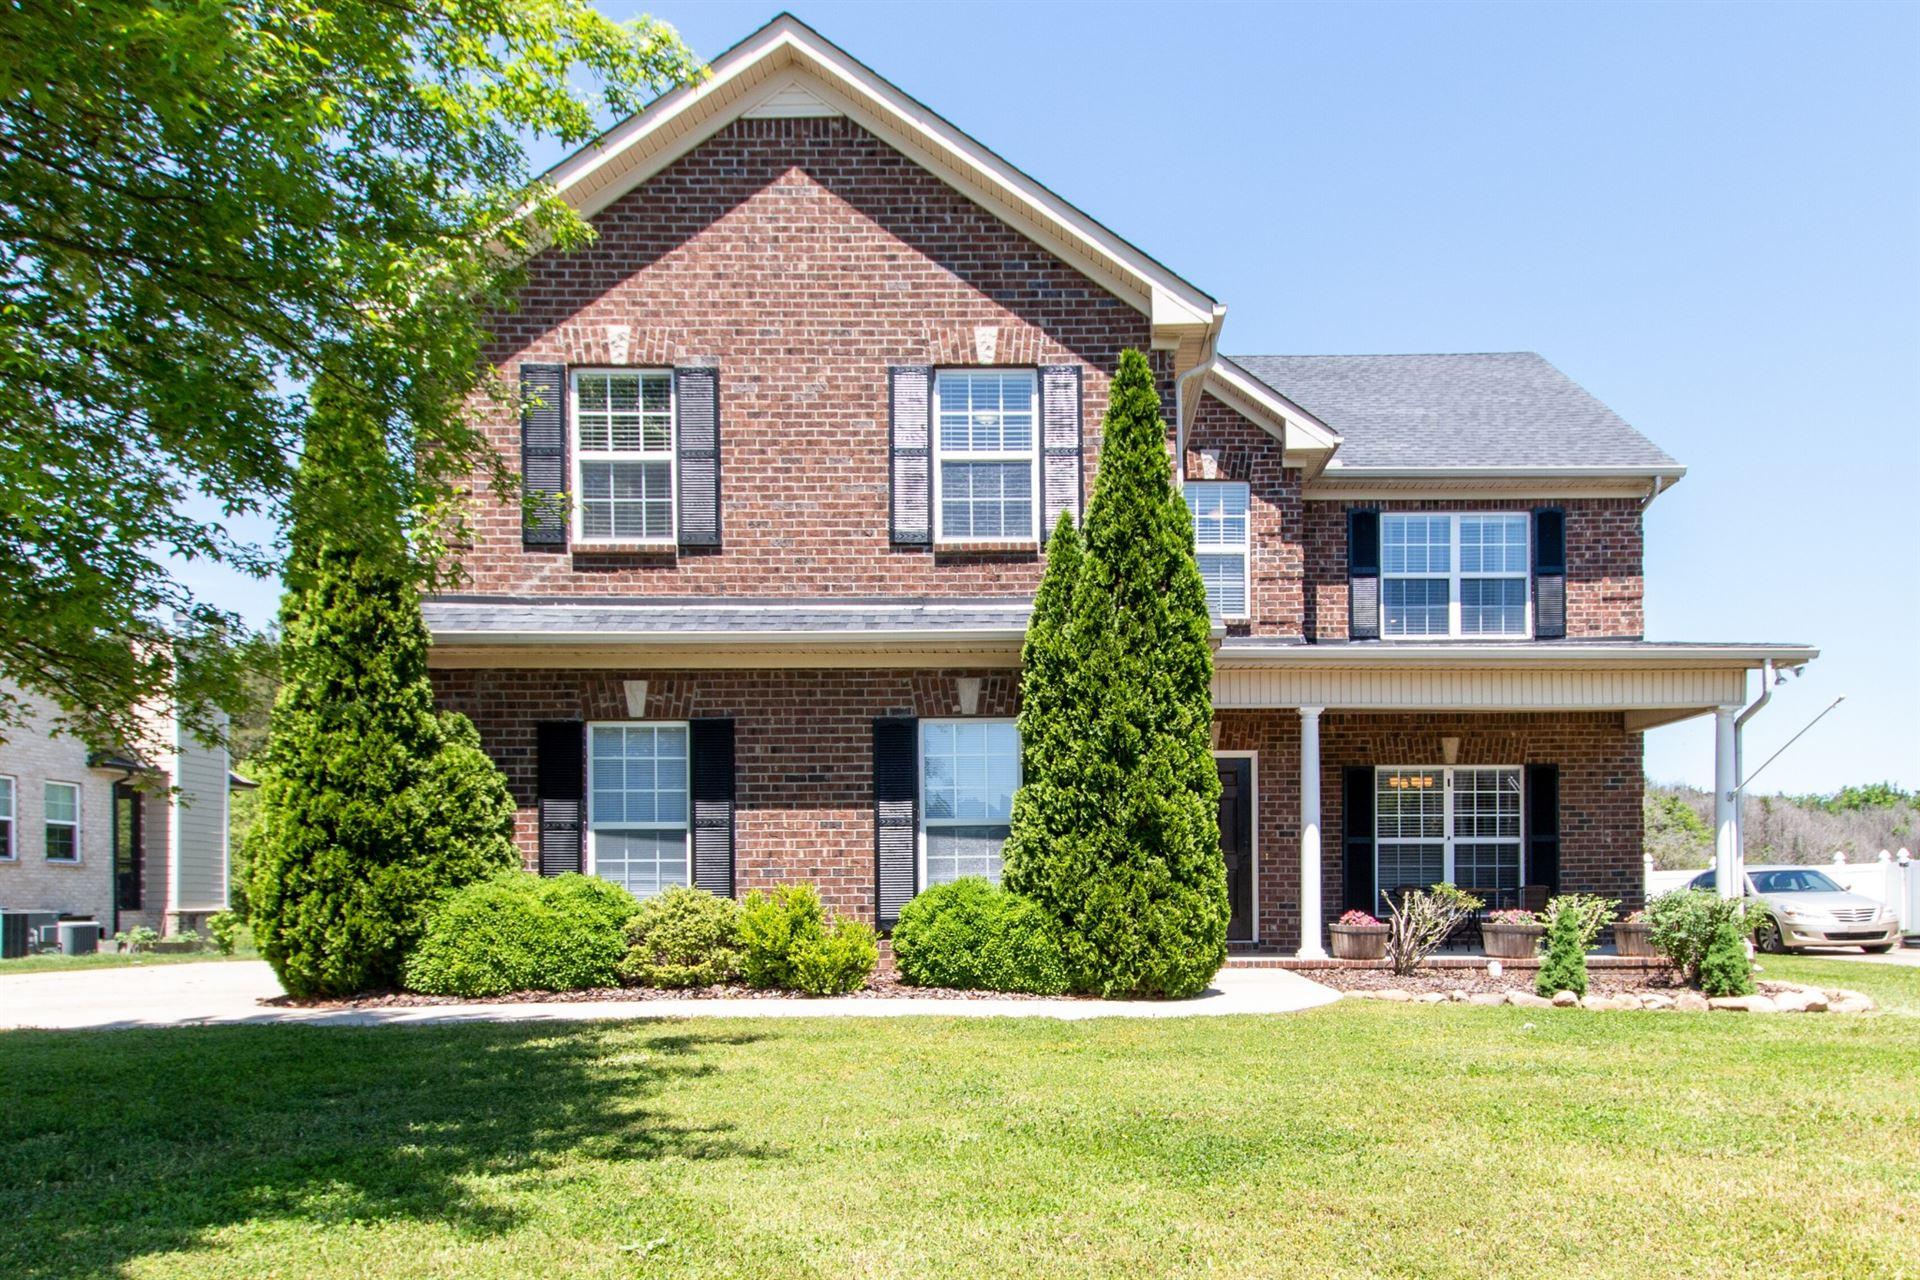 5338 Middlebury Dr, Murfreesboro, TN 37128 - MLS#: 2251451